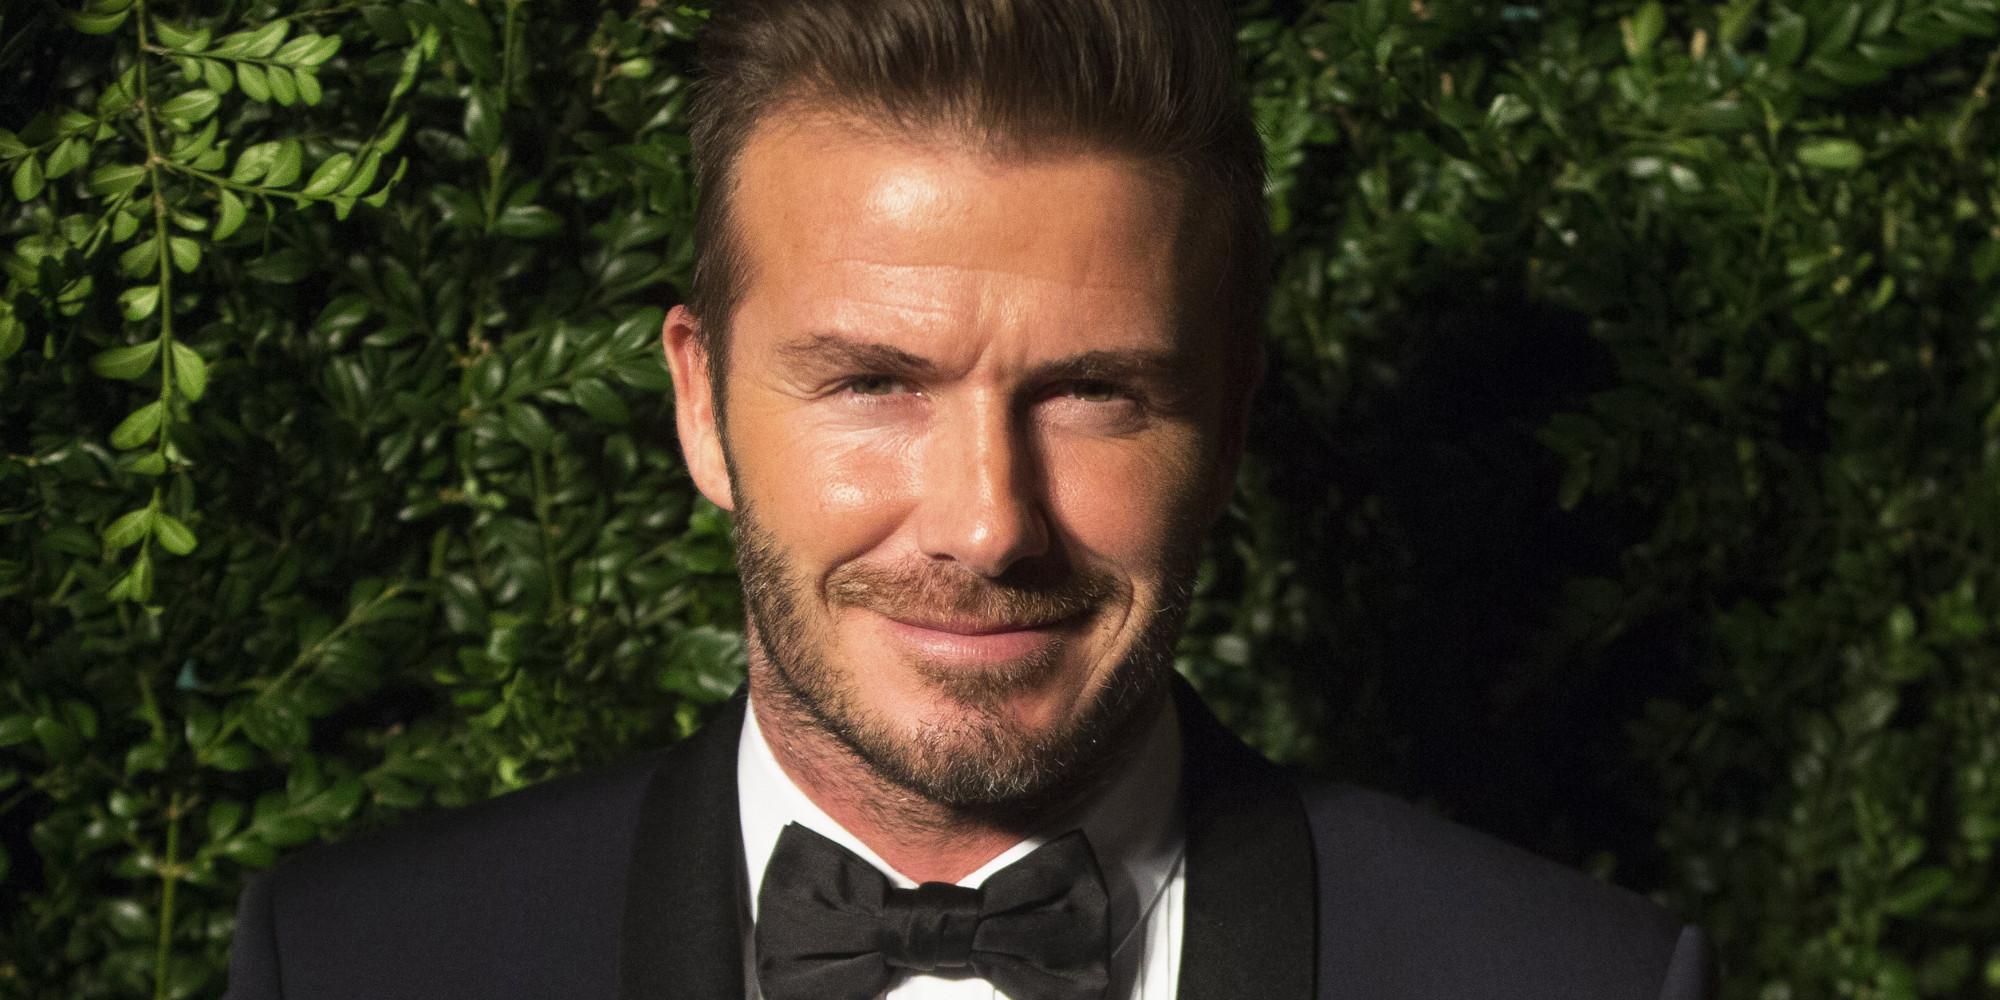 데이비드 베컴이 브렉시트에 대해 입을 열었다 David Beckham Facebook